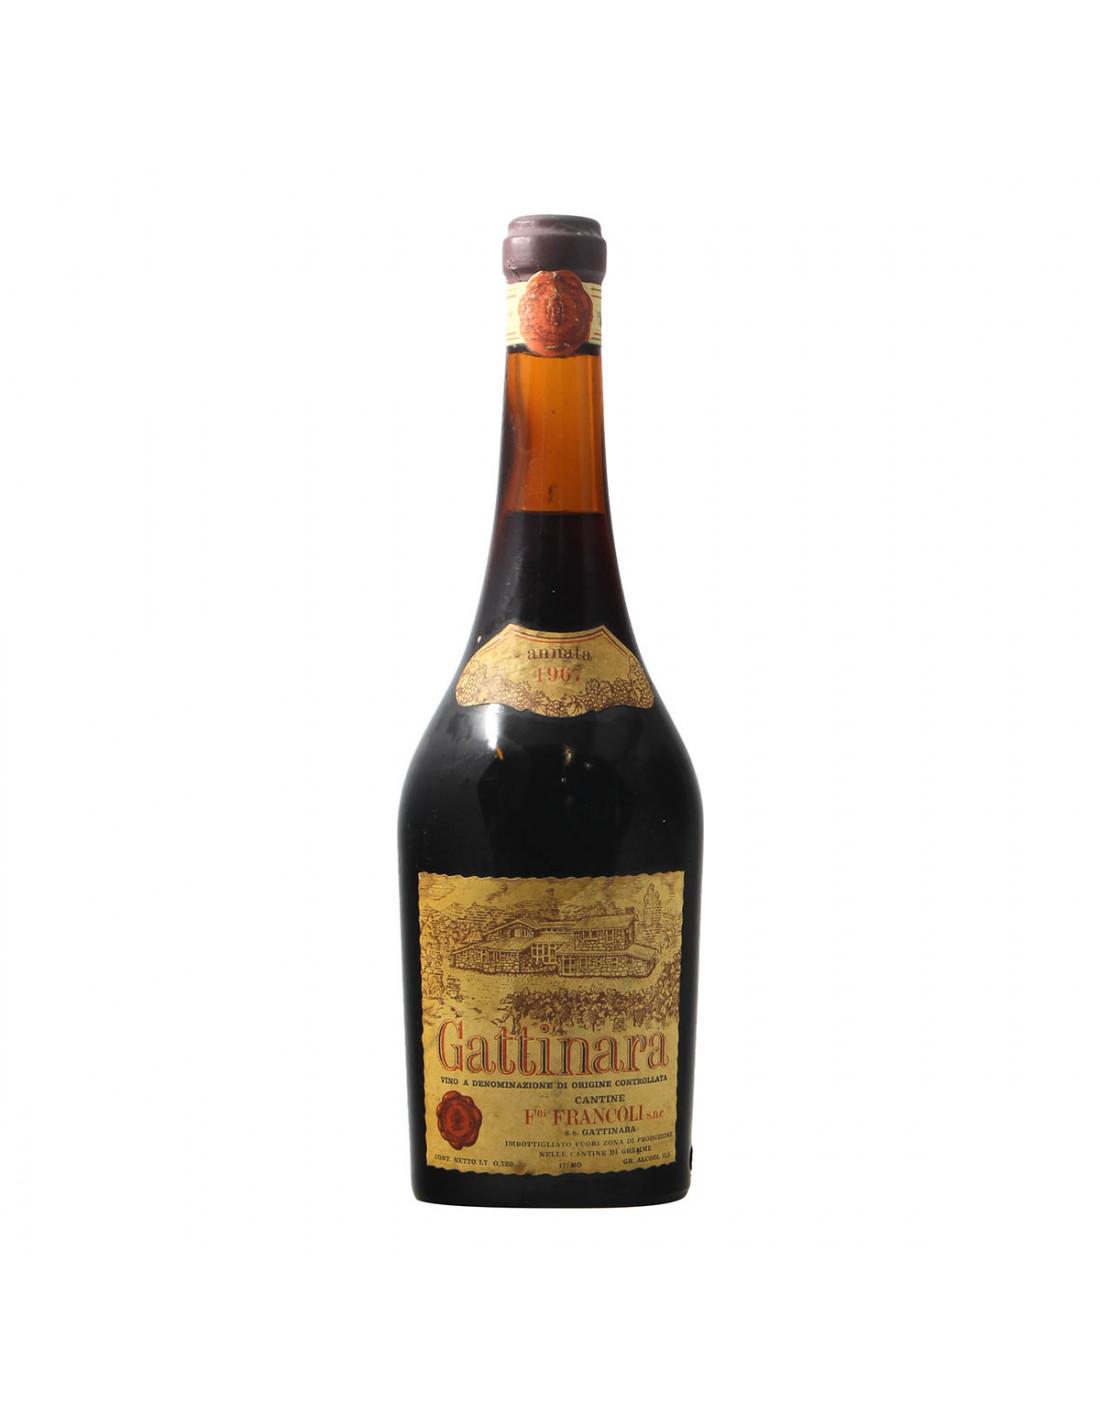 Francoli Gattinara 1967 Grandi Bottiglie